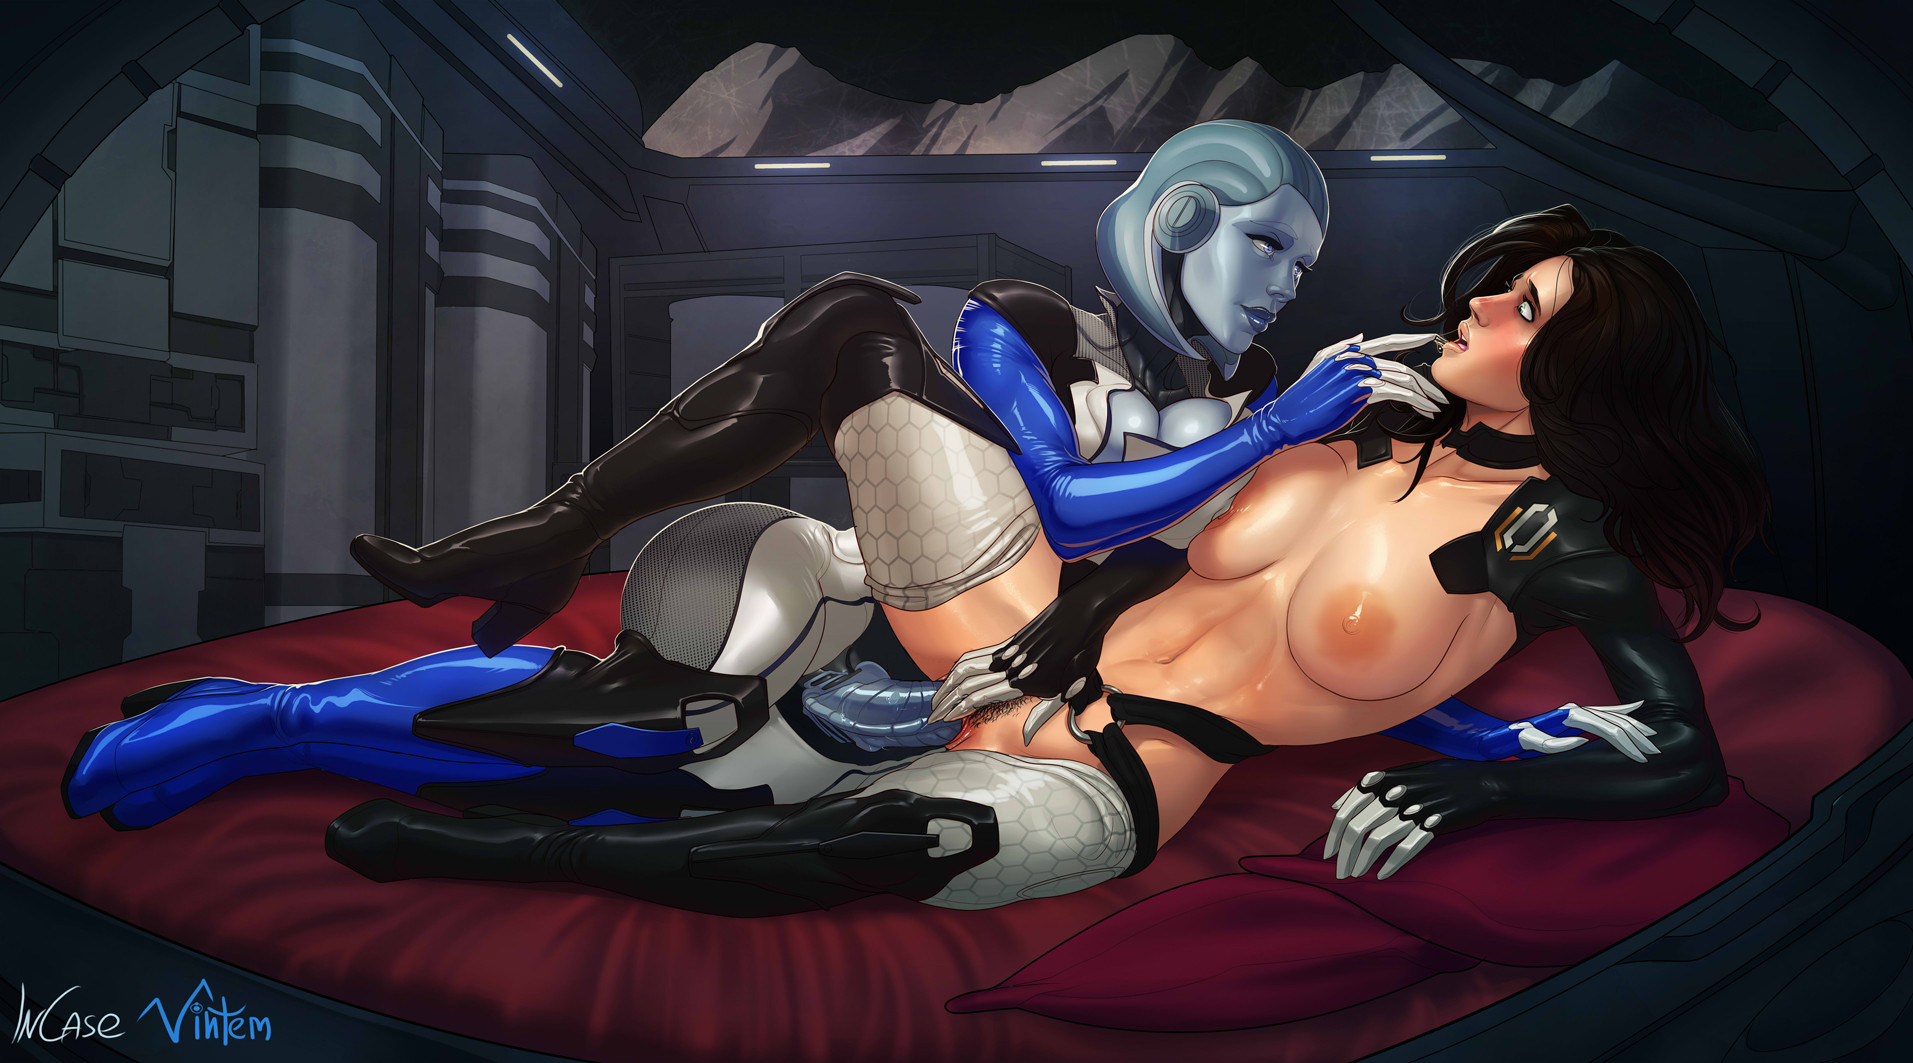 Рисованное порно из mass effect